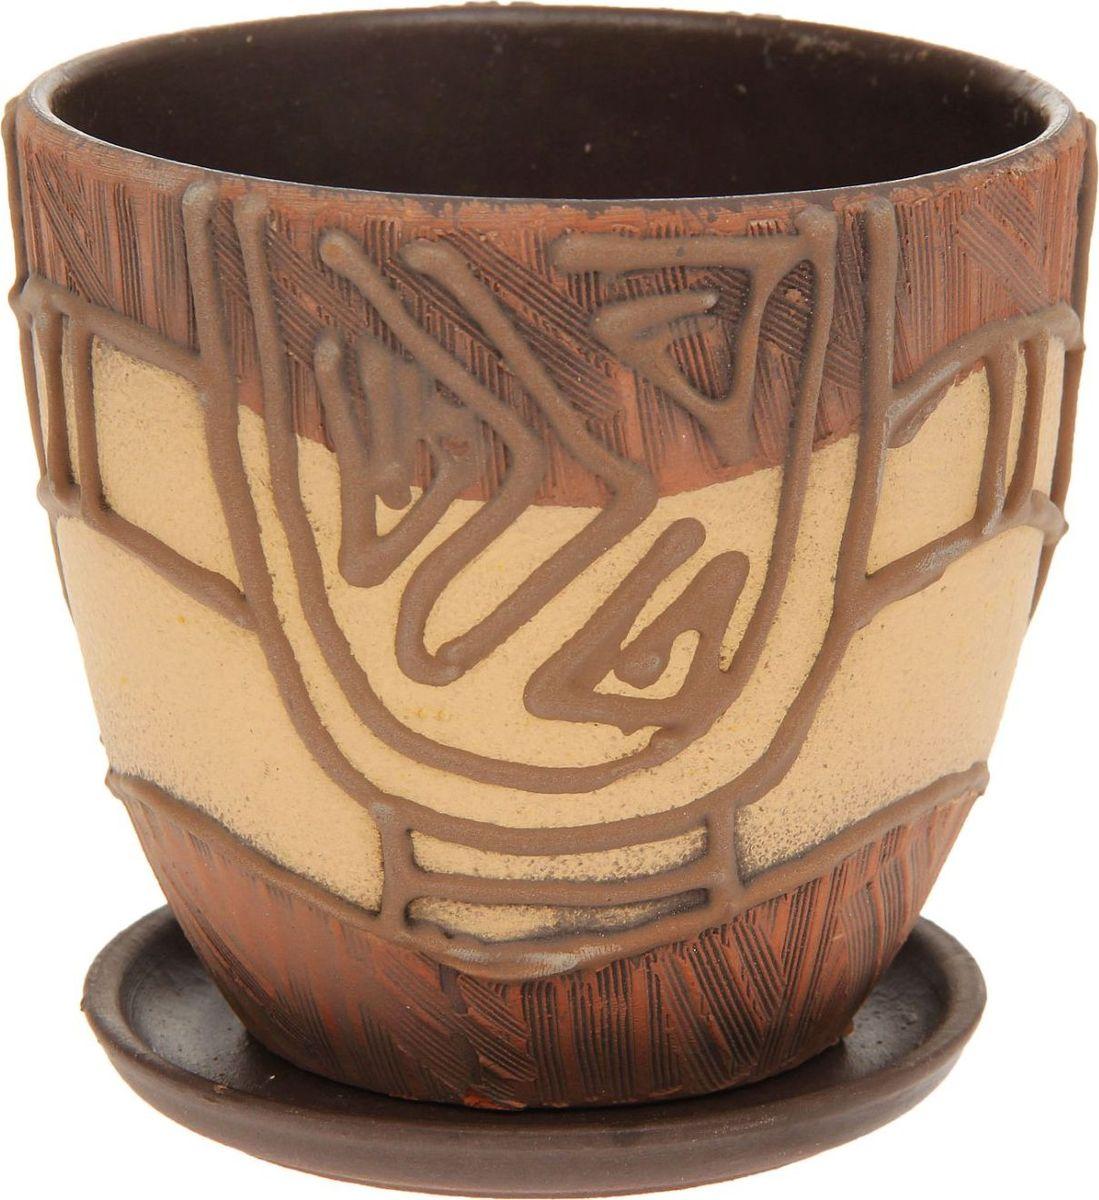 Кашпо Водоворот, 0,8 л1138556Декоративное кашпо, выполненное из высококачественной керамики, предназначено для посадки декоративных растений и станет прекрасным украшением для дома. Благодаря своему дизайну впишется в любой интерьер помещения.